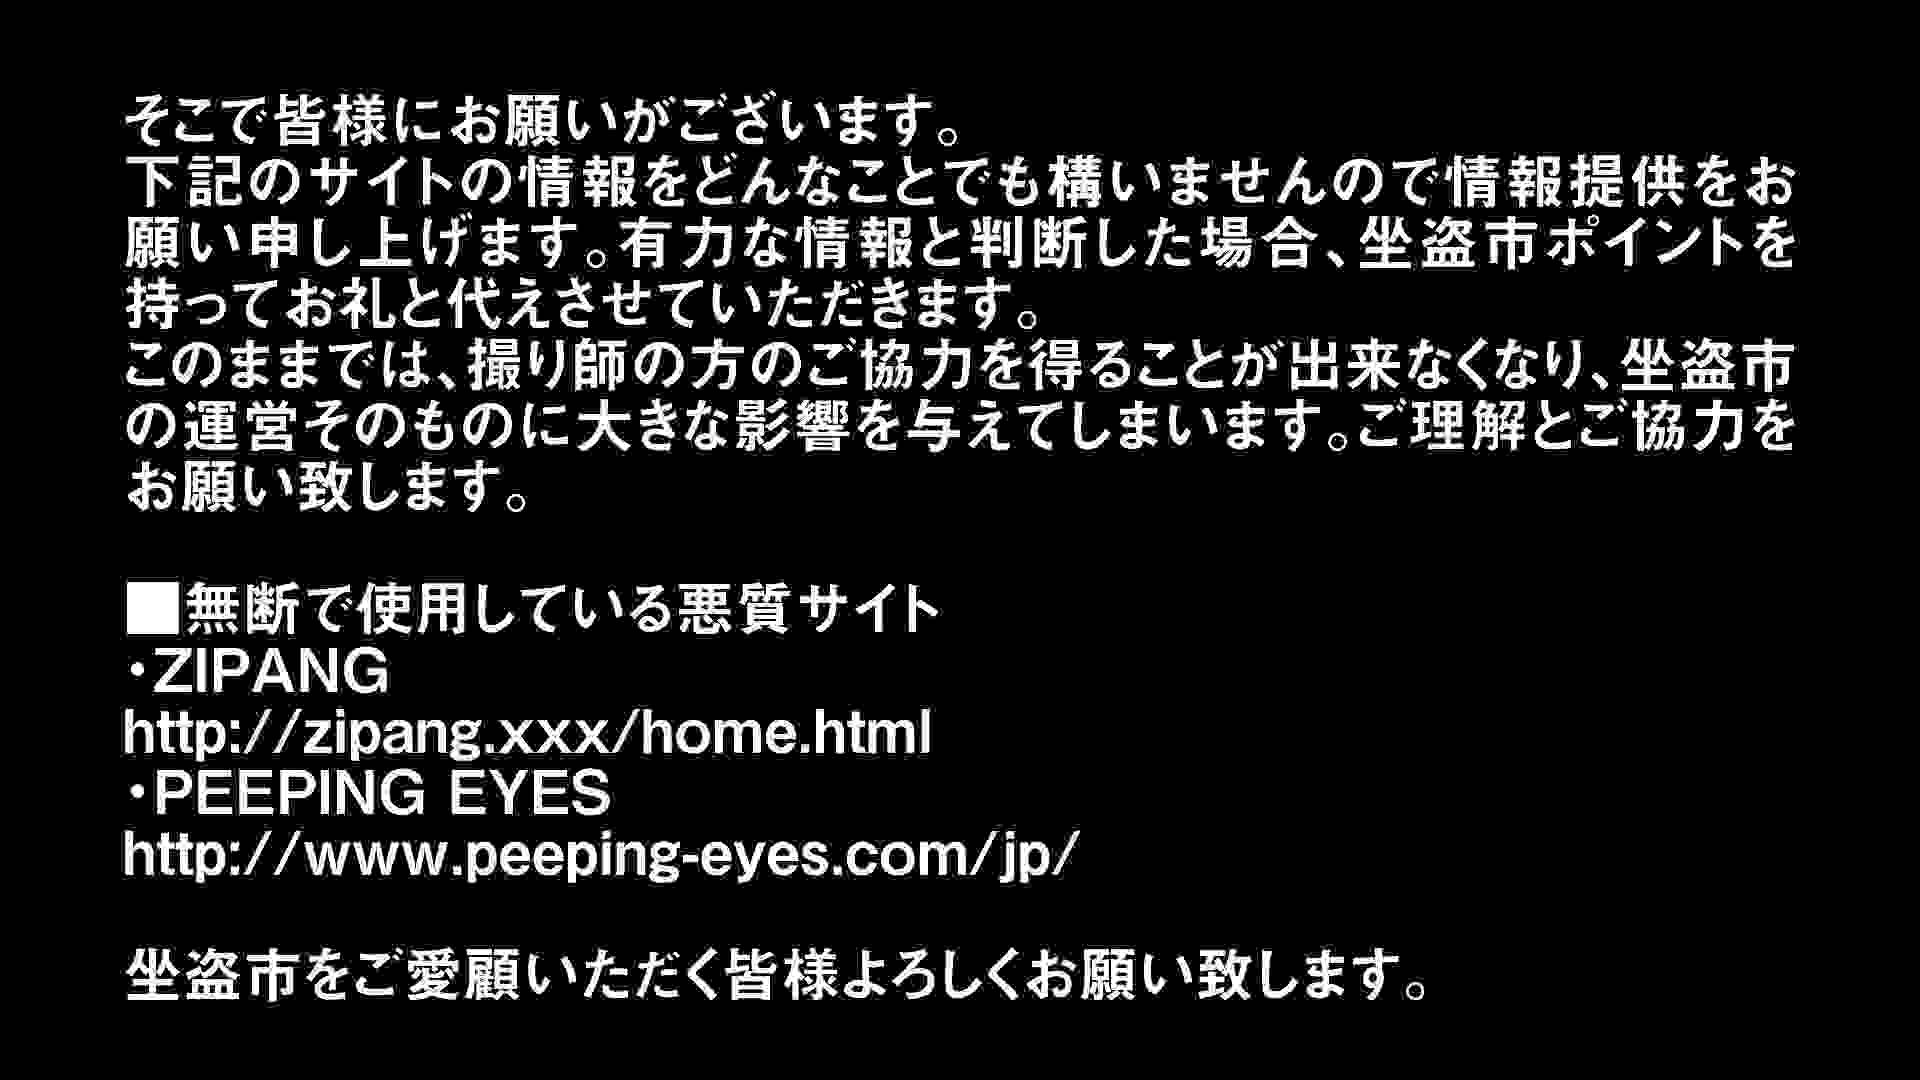 Aquaな露天風呂Vol.301 OLハメ撮り  41Pix 11